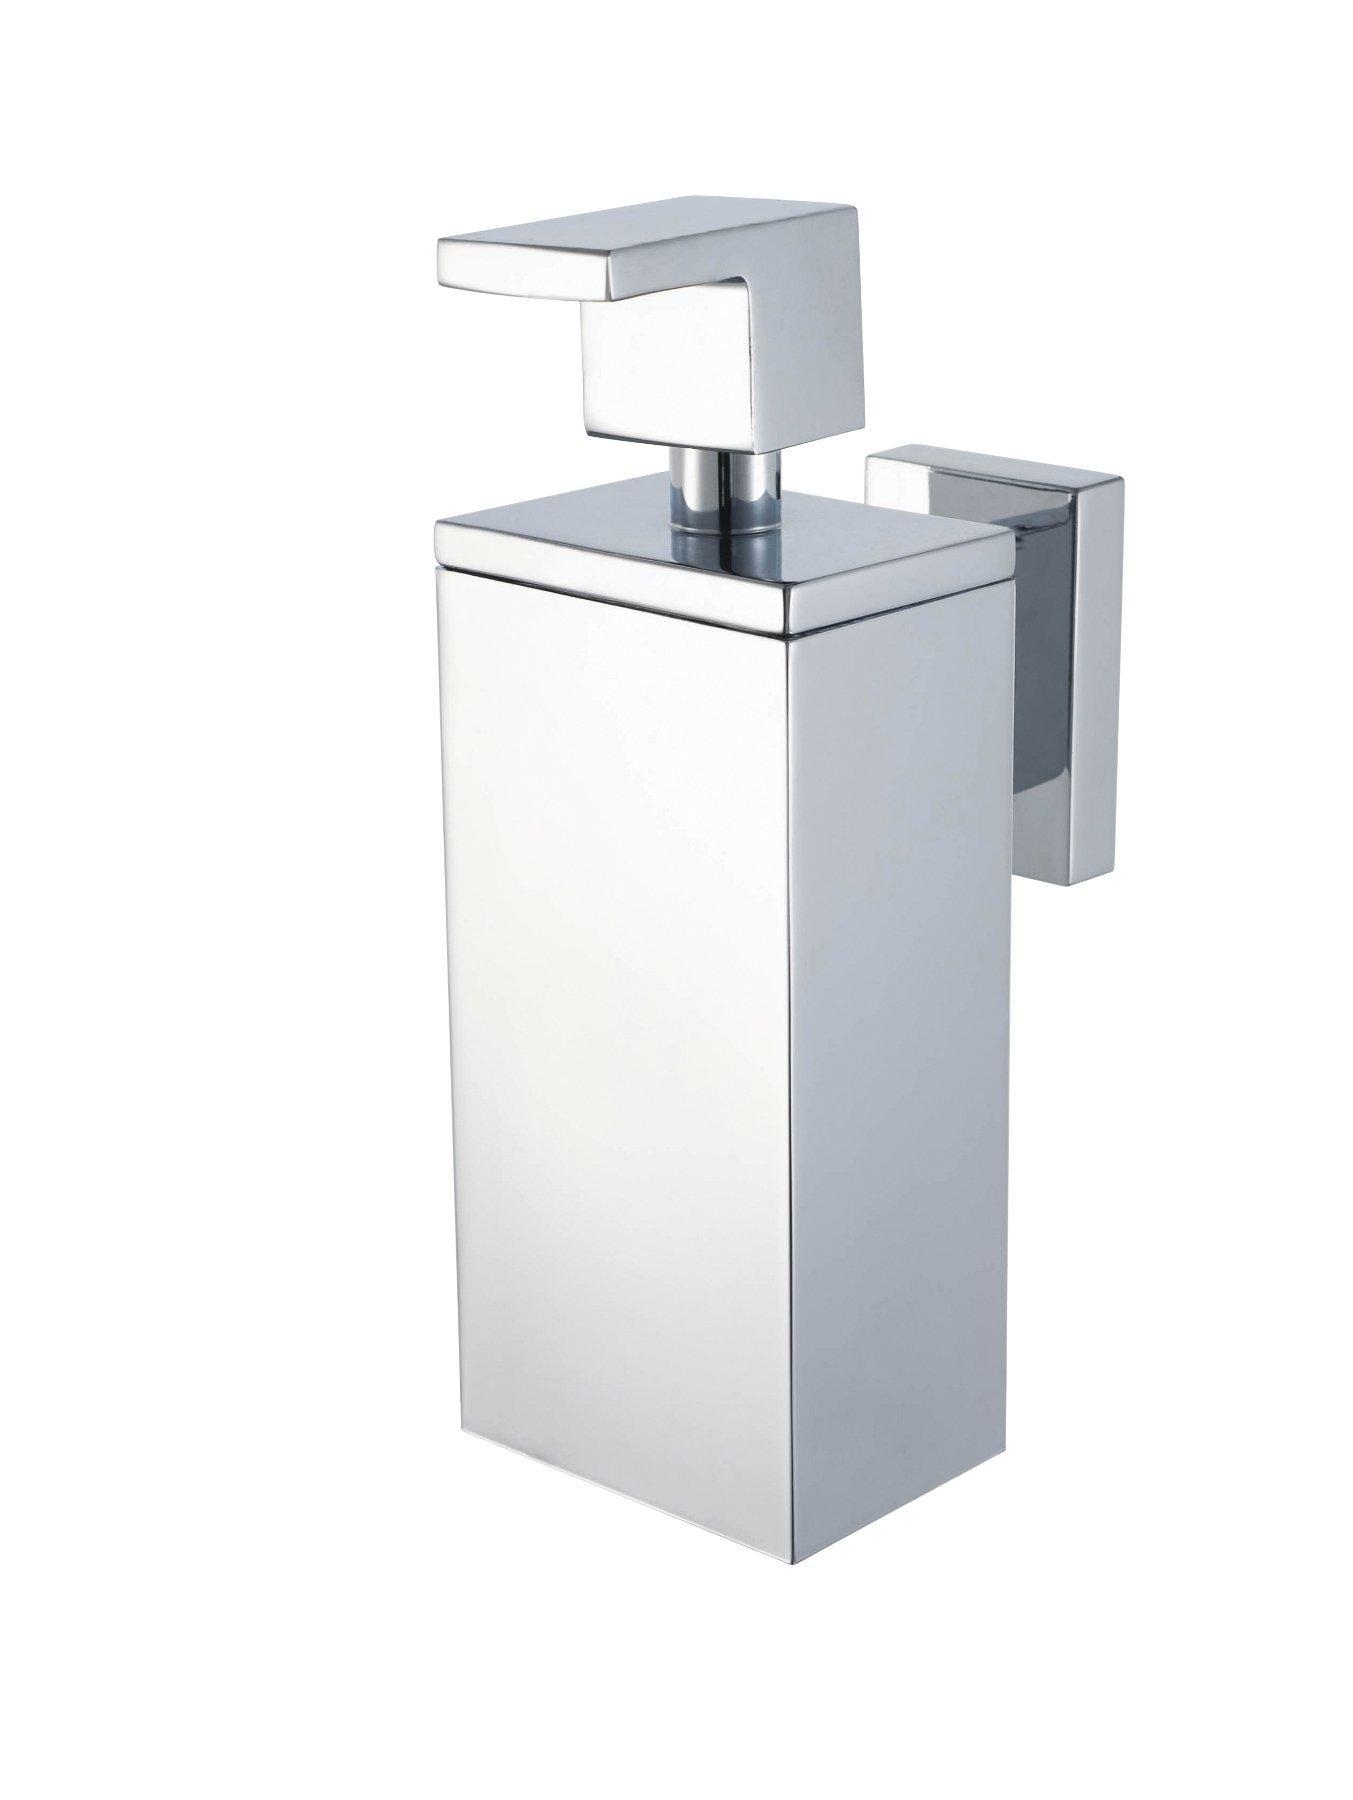 Aqualux Haceka Edge Soap Dispenser 163 44 99 Gay Times